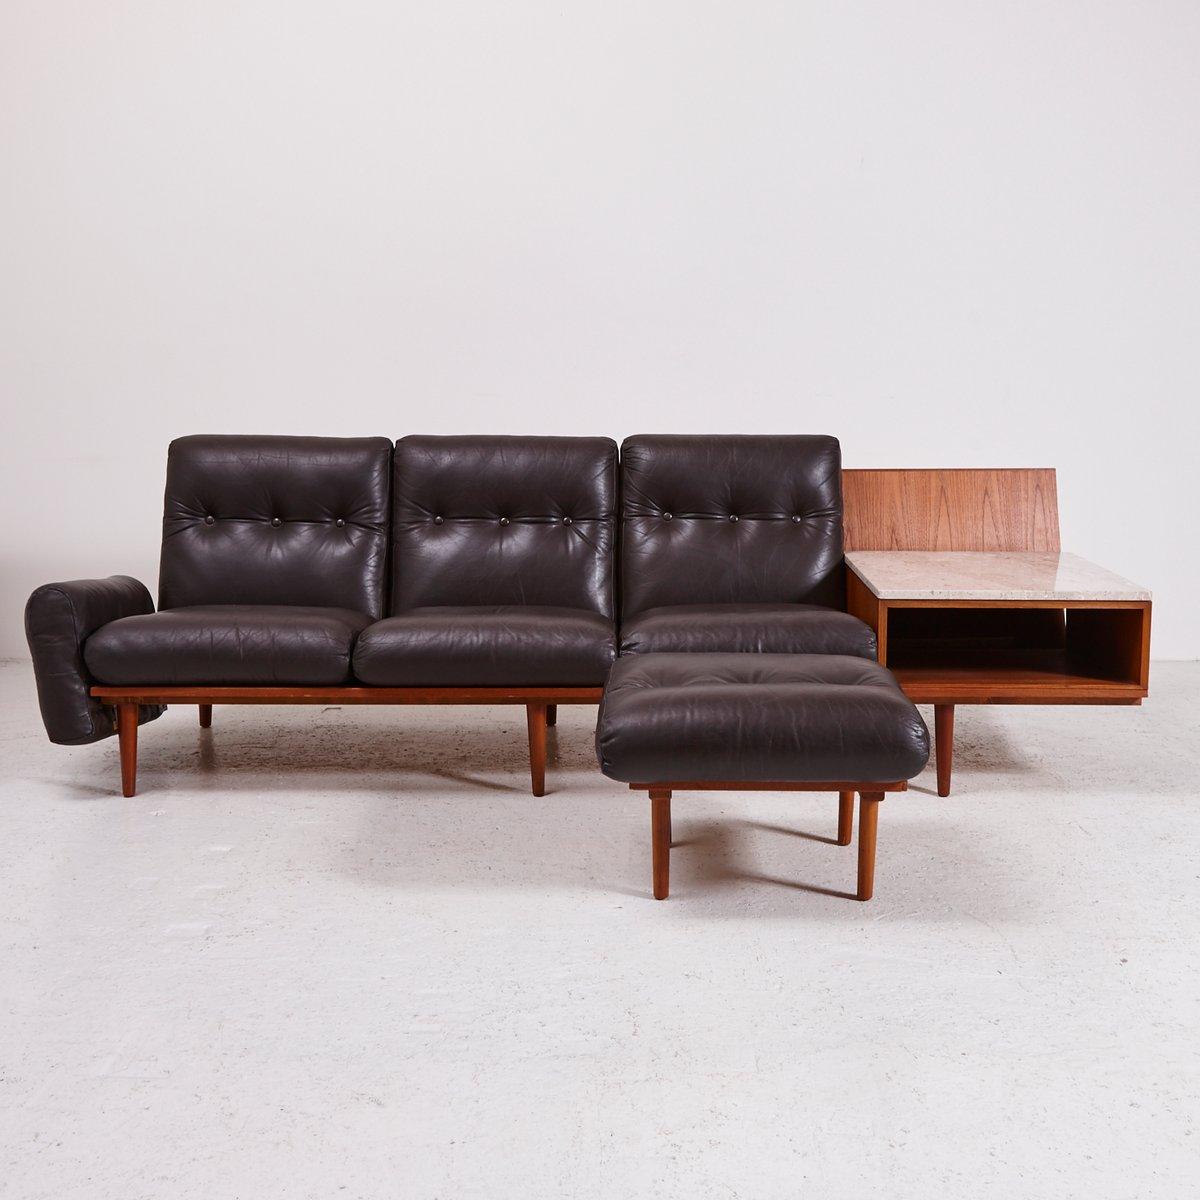 d nisches 3 sitzer ledersofa mit marmor beistelltisch 1960er bei pamono kaufen. Black Bedroom Furniture Sets. Home Design Ideas